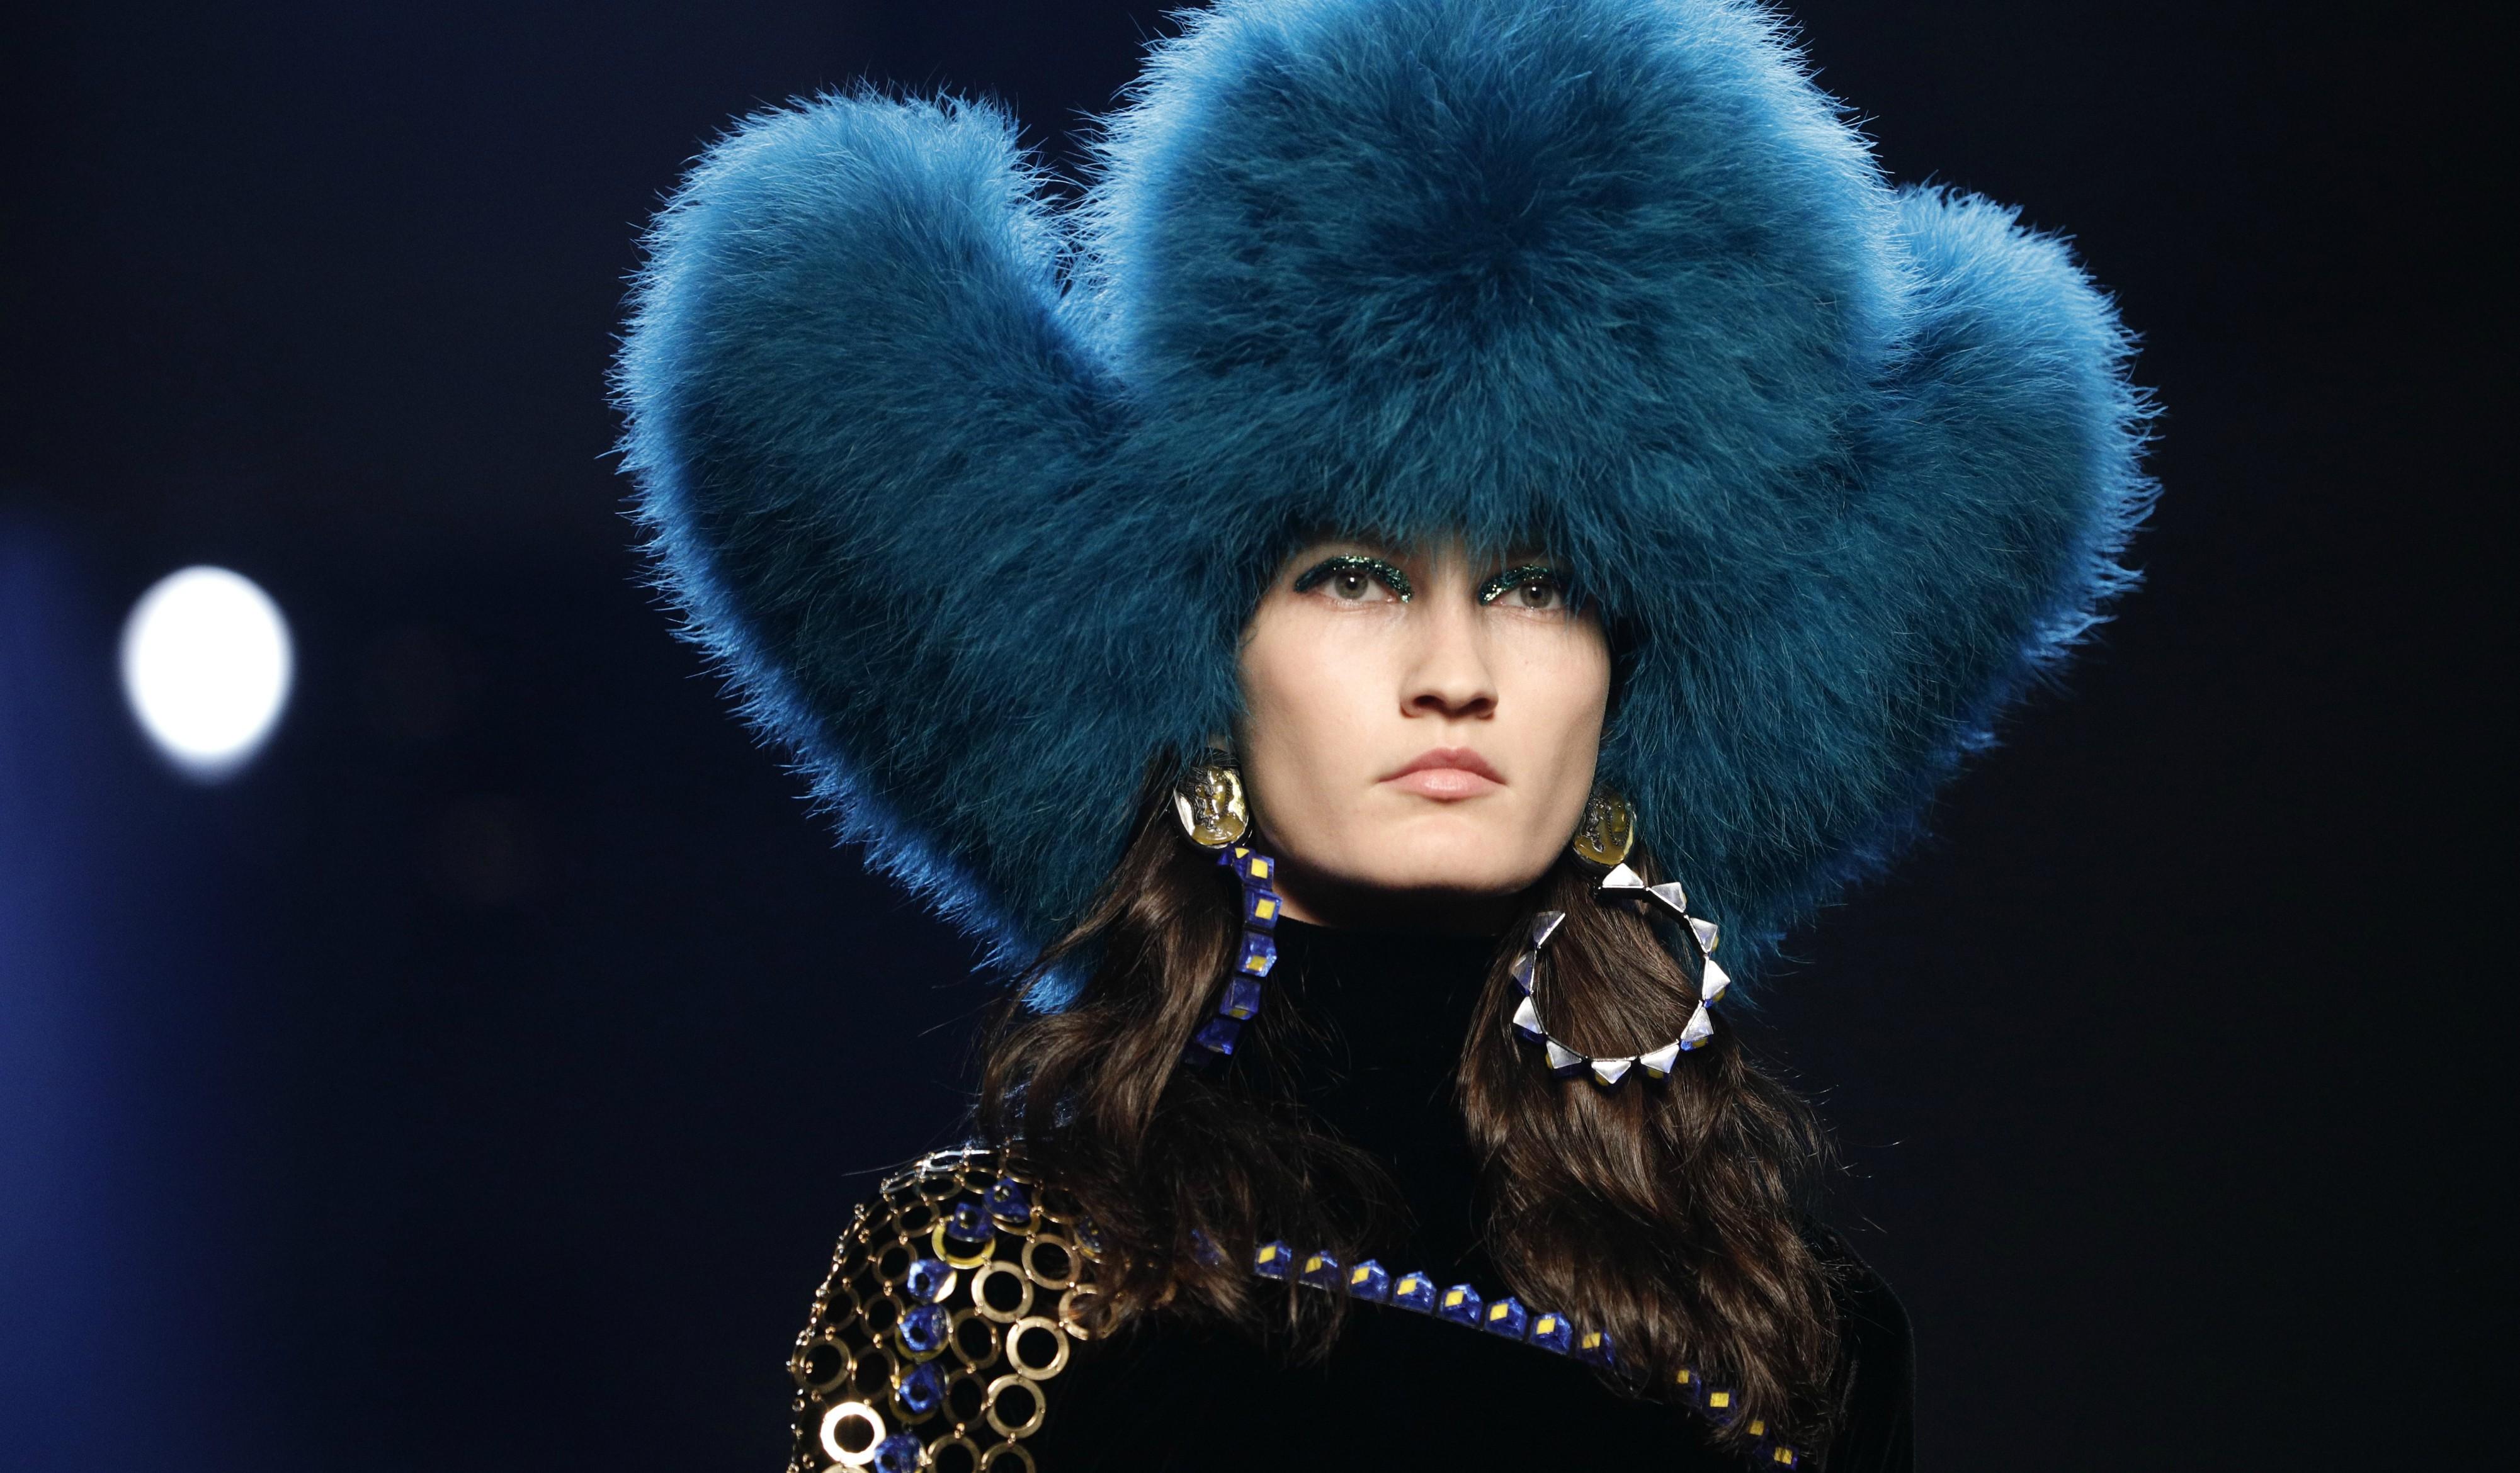 La súper modelo portuguesa Sara Sampaio y la cantante estadounidense Christina Aguilera, fueron caras conocidas que le apoyaron en su presentación. (EFE)